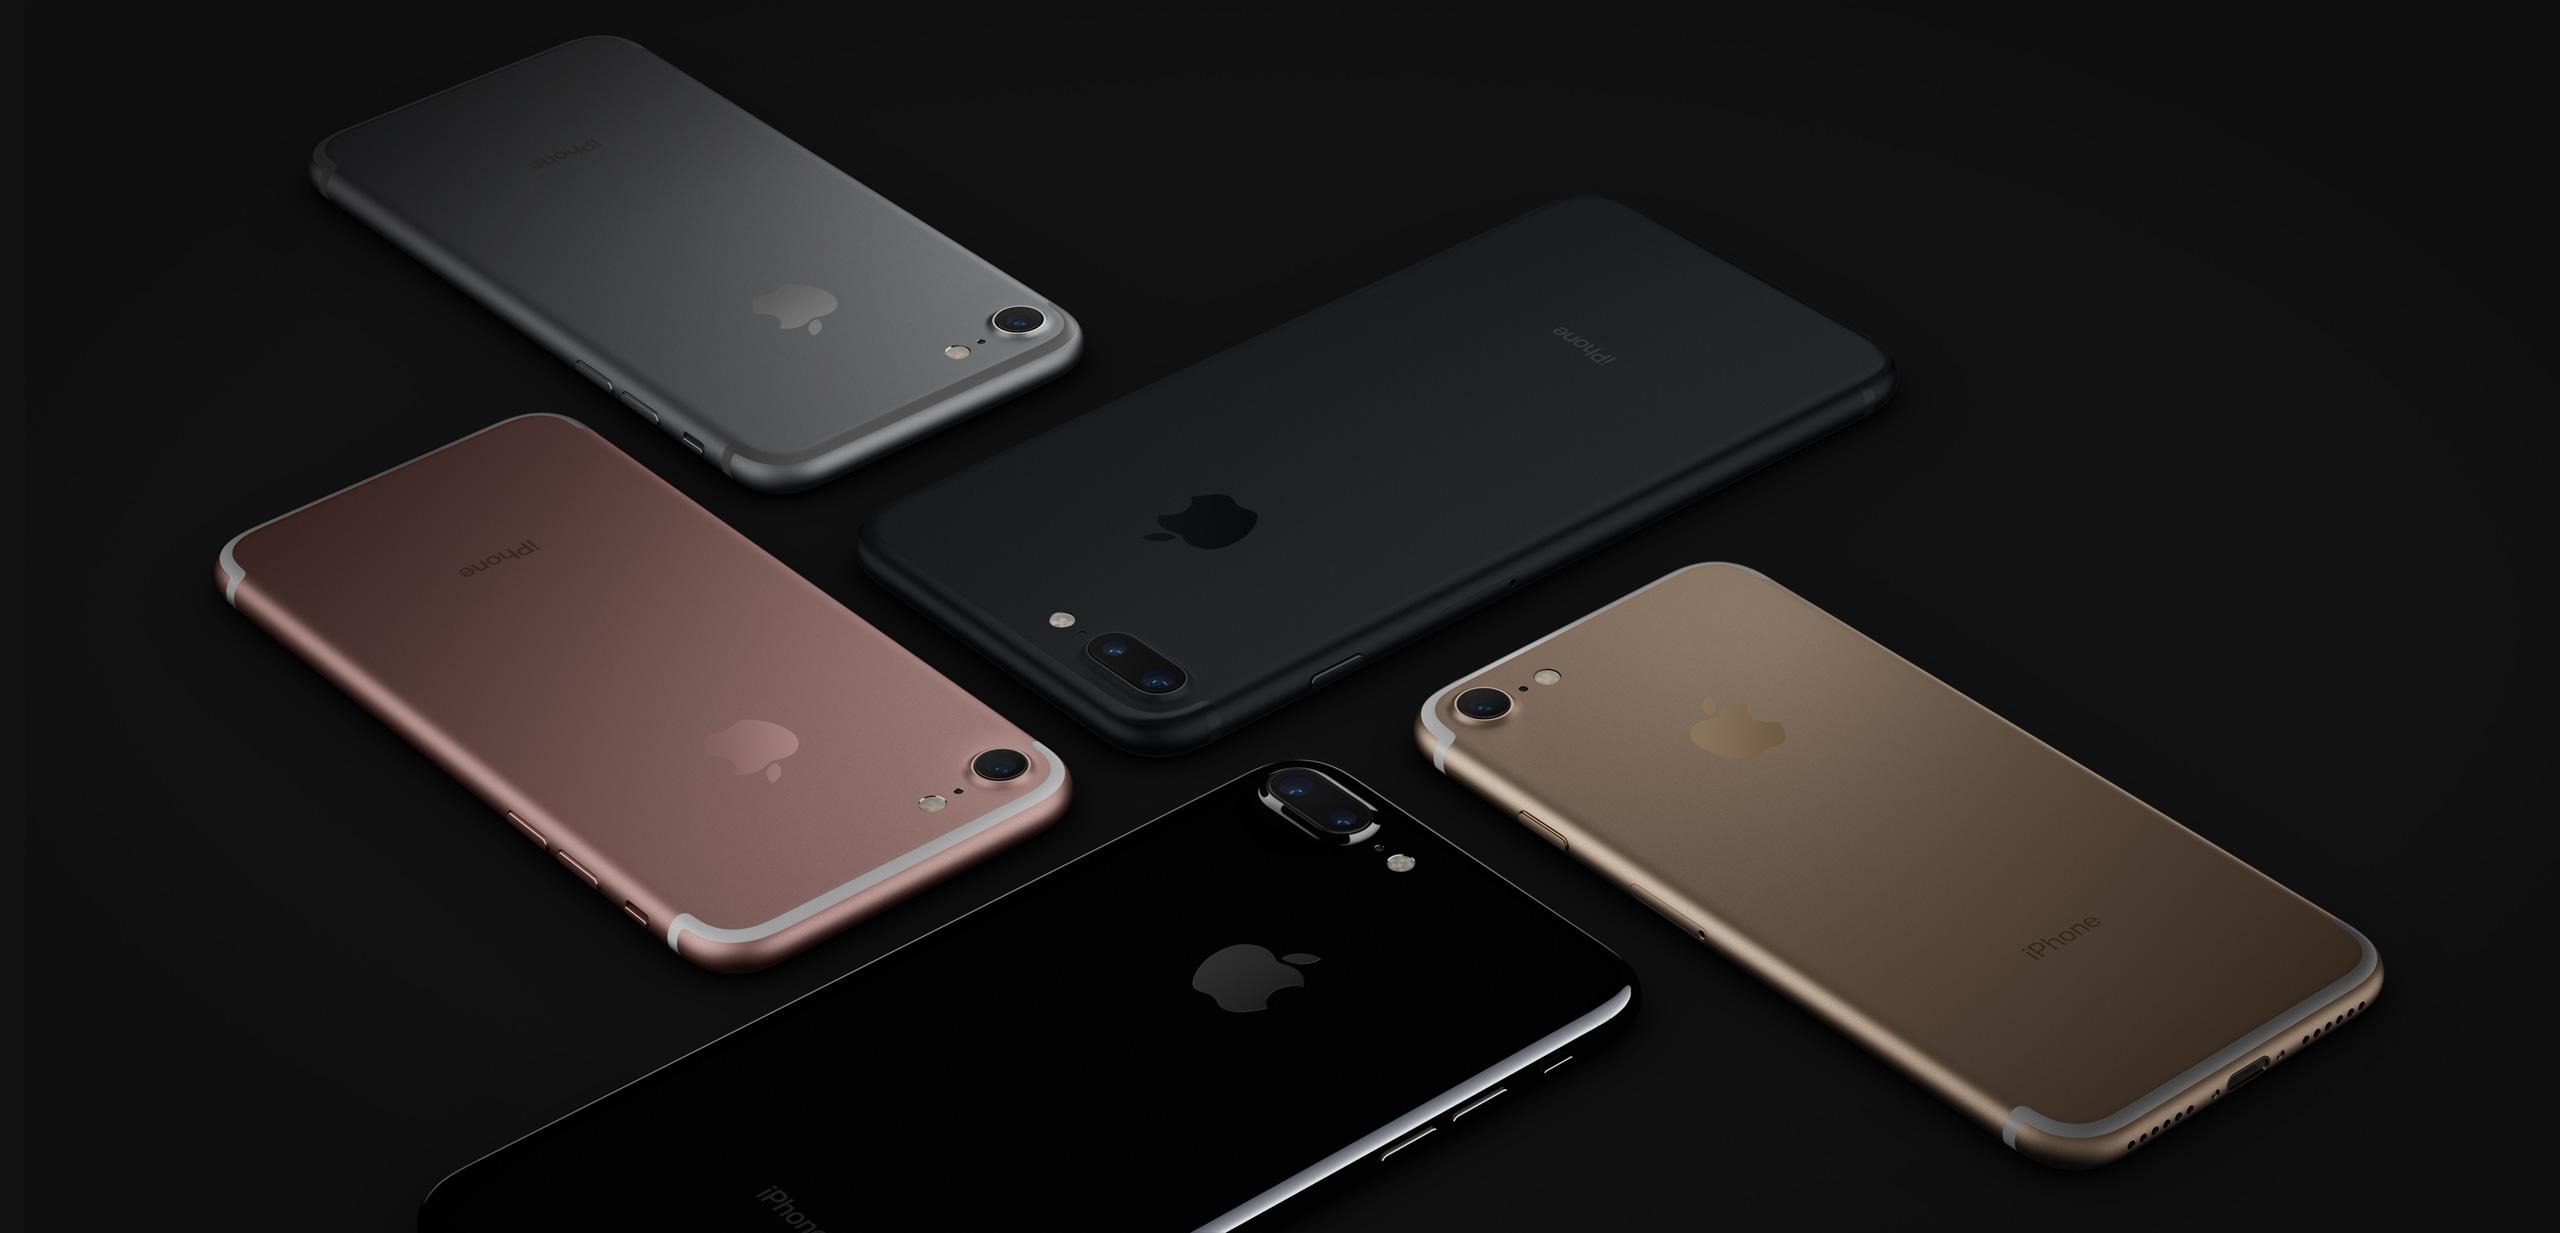 آیفون 7 و اپل واچ 2